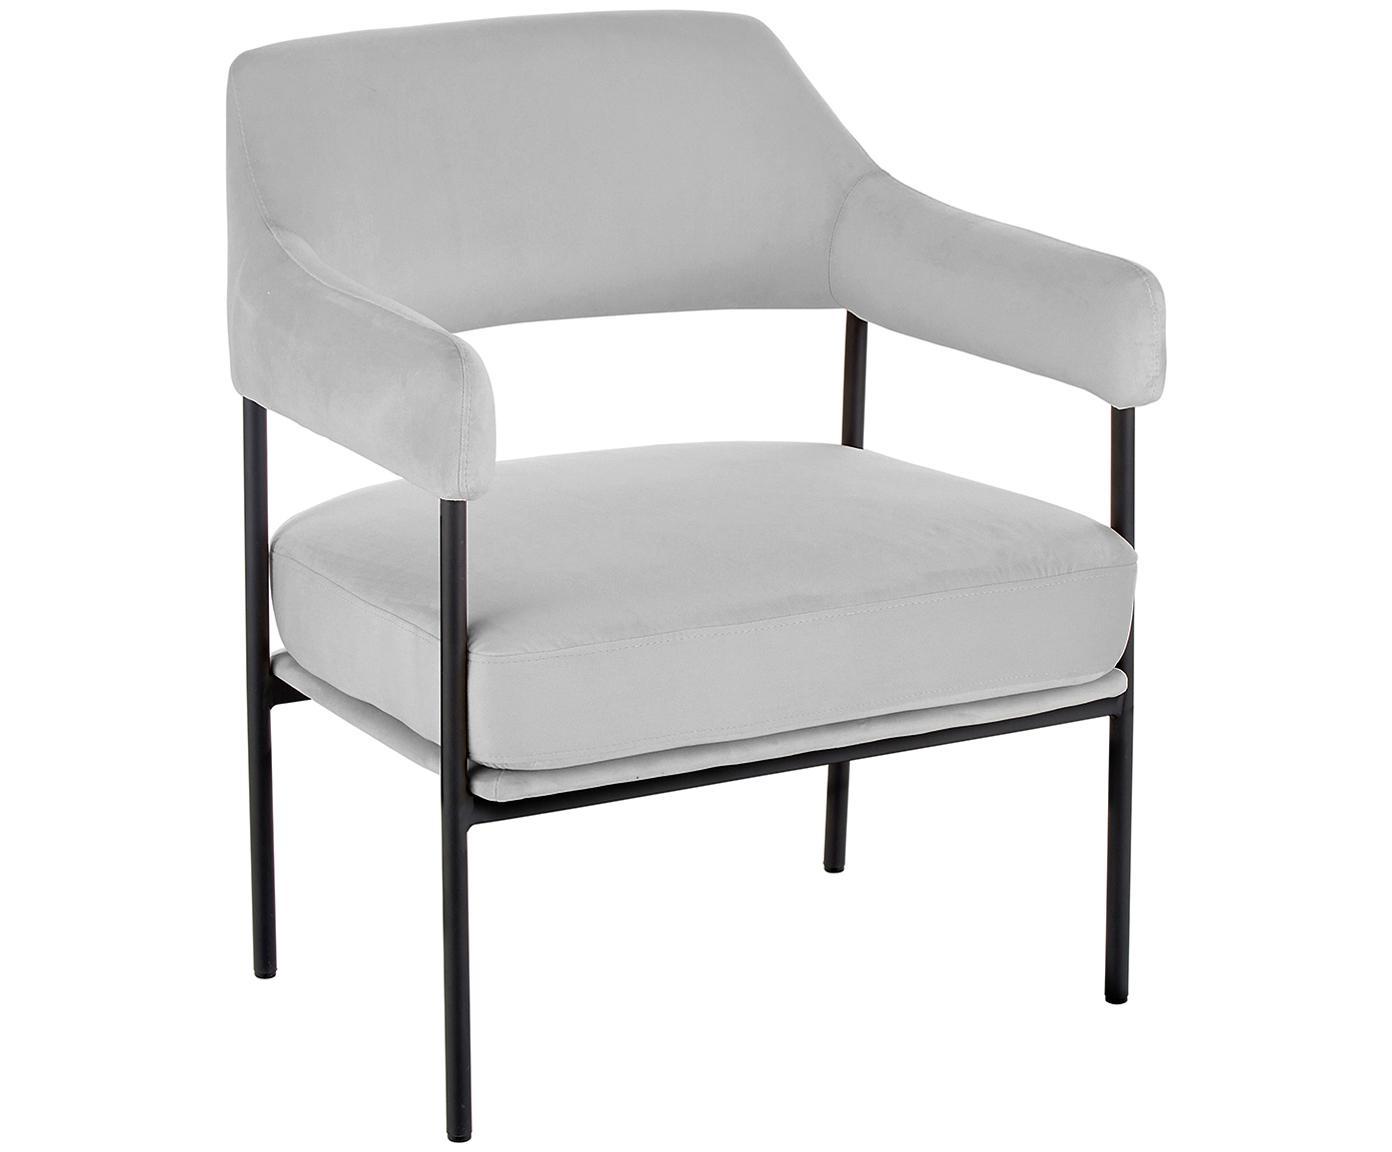 Fluwelen lounge fauteuil Zoe, Bekleding: fluweel (polyester), Frame: gepoedercoat metaal, Grijs, B 67 x D 66 cm